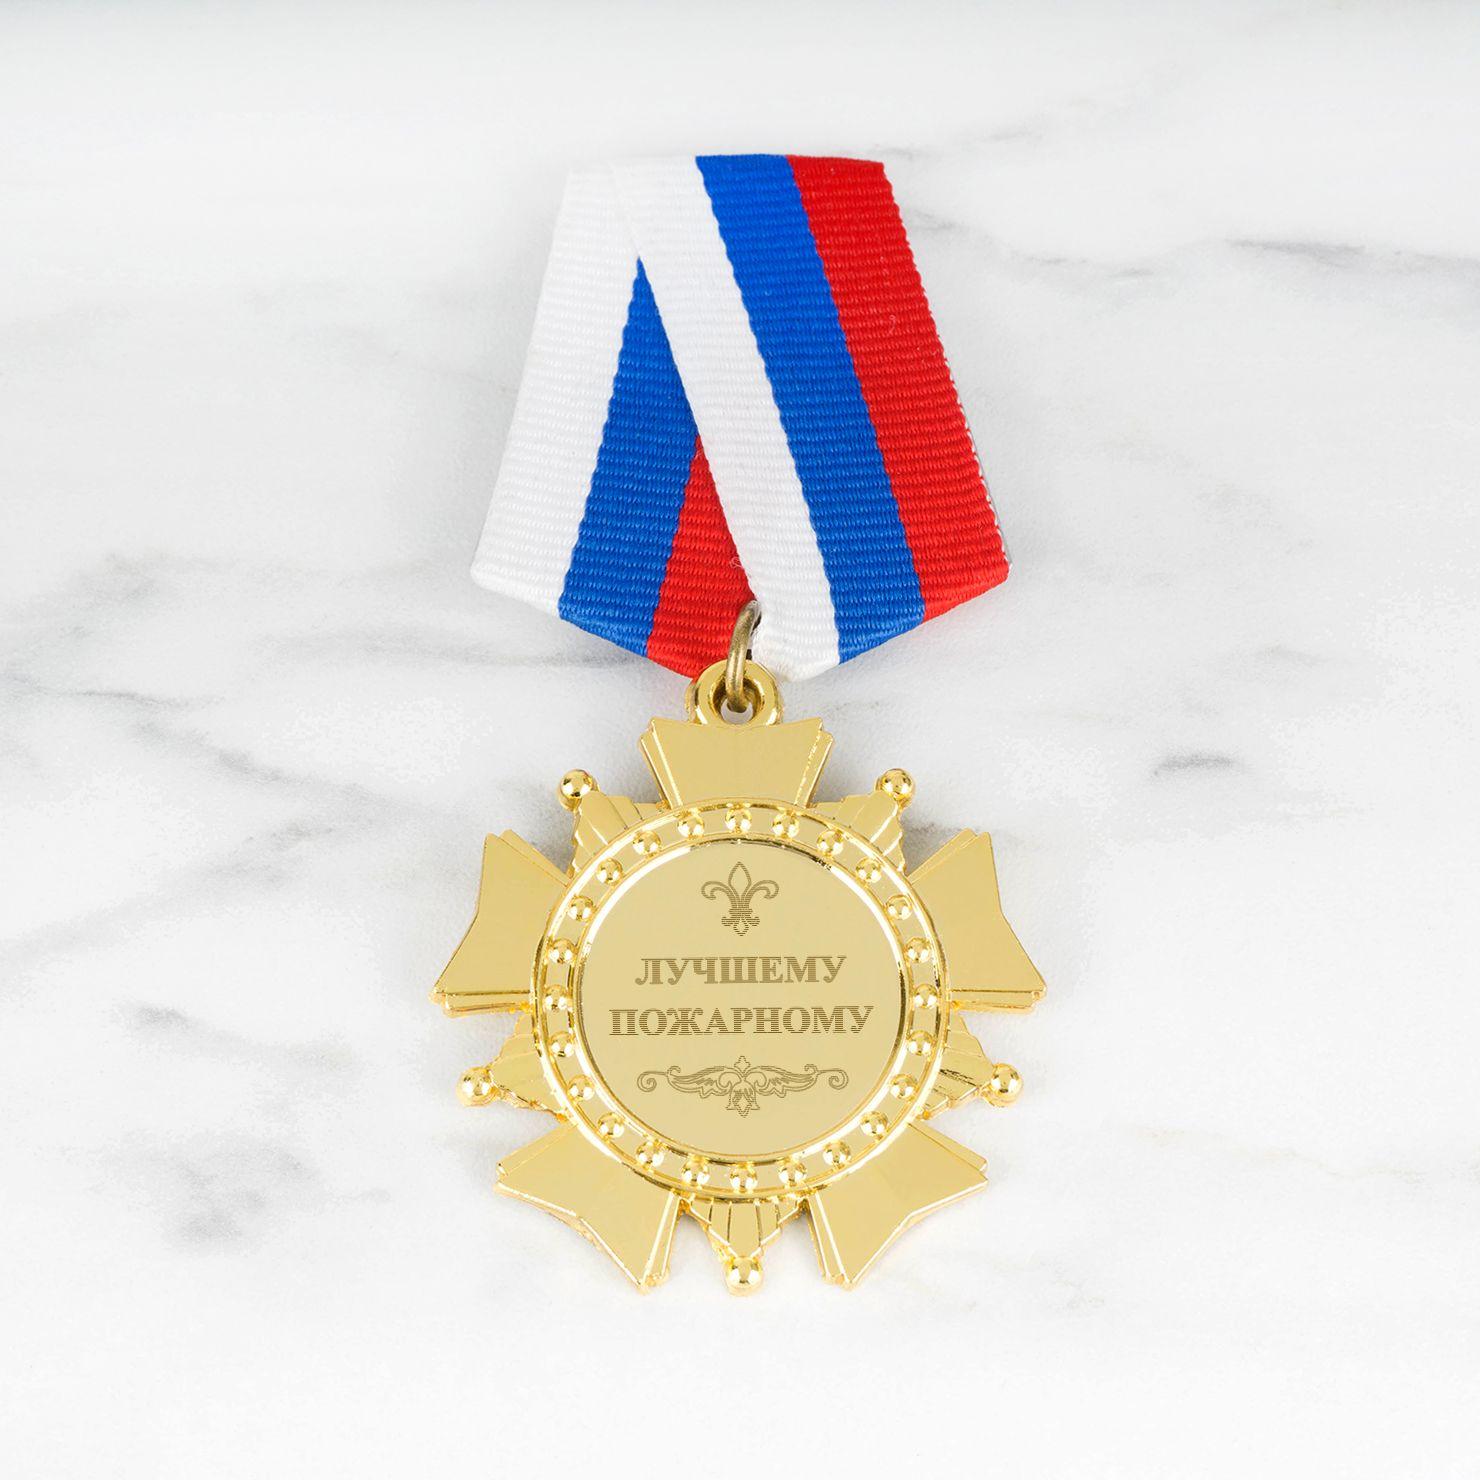 Орден *Лучшему пожарному*